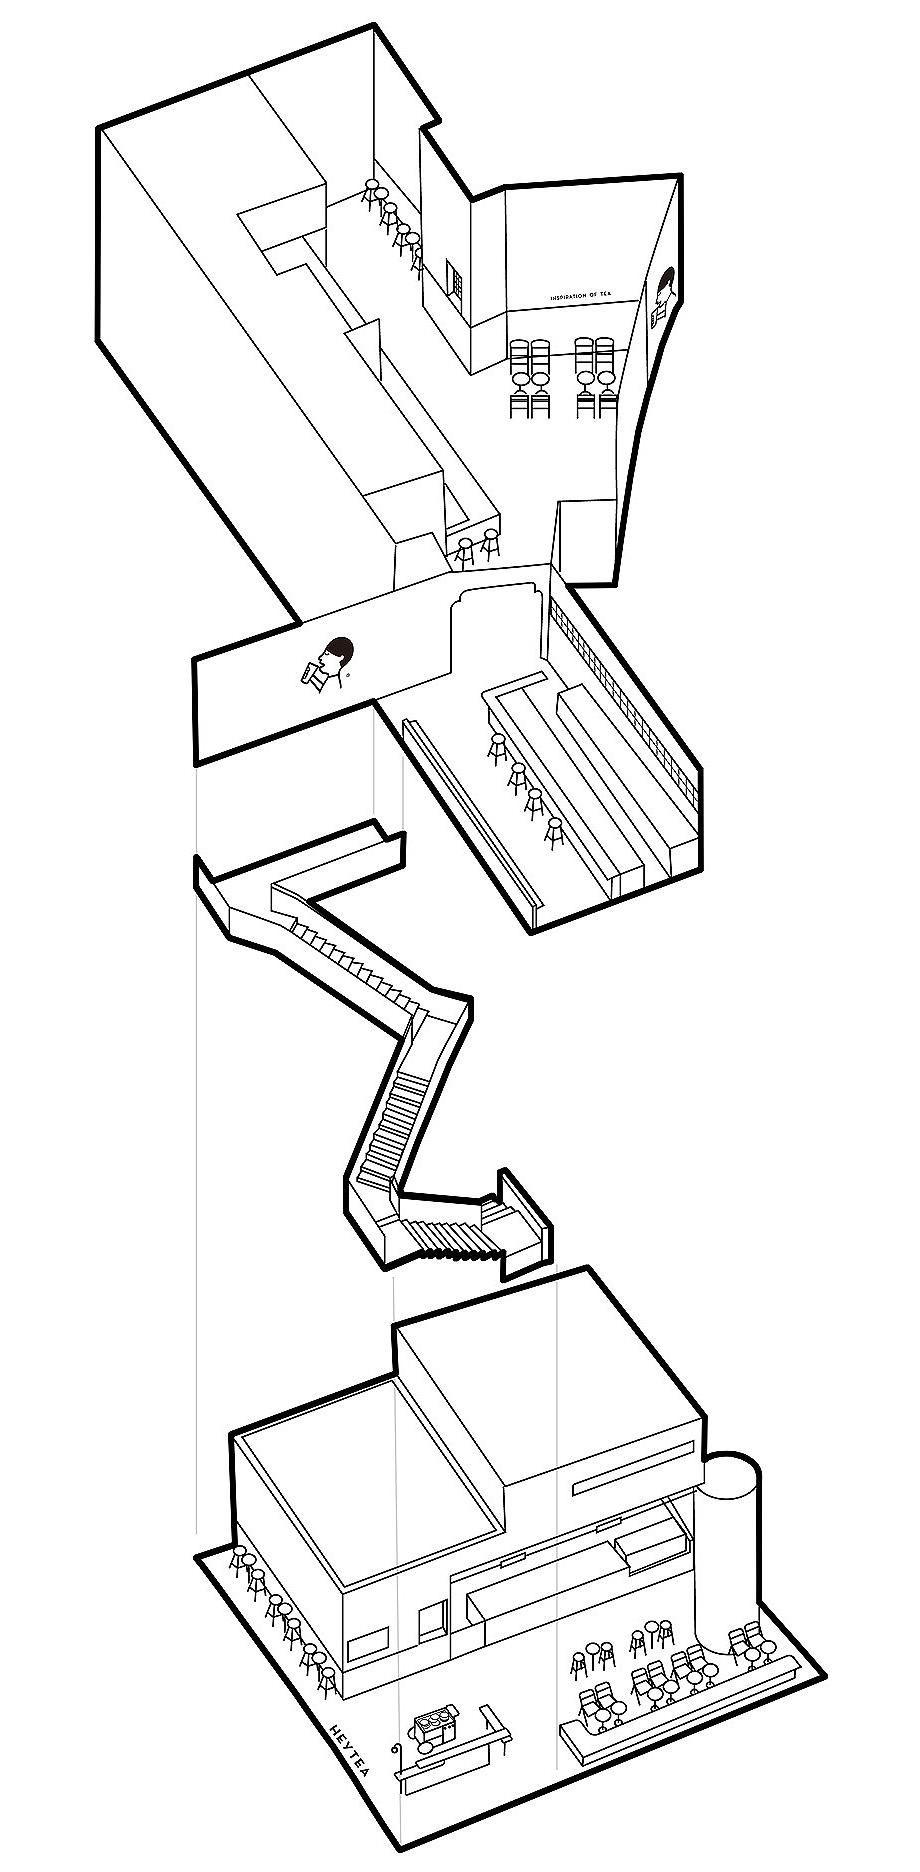 heytea lab guangzhou de leaping creative (21) - plano